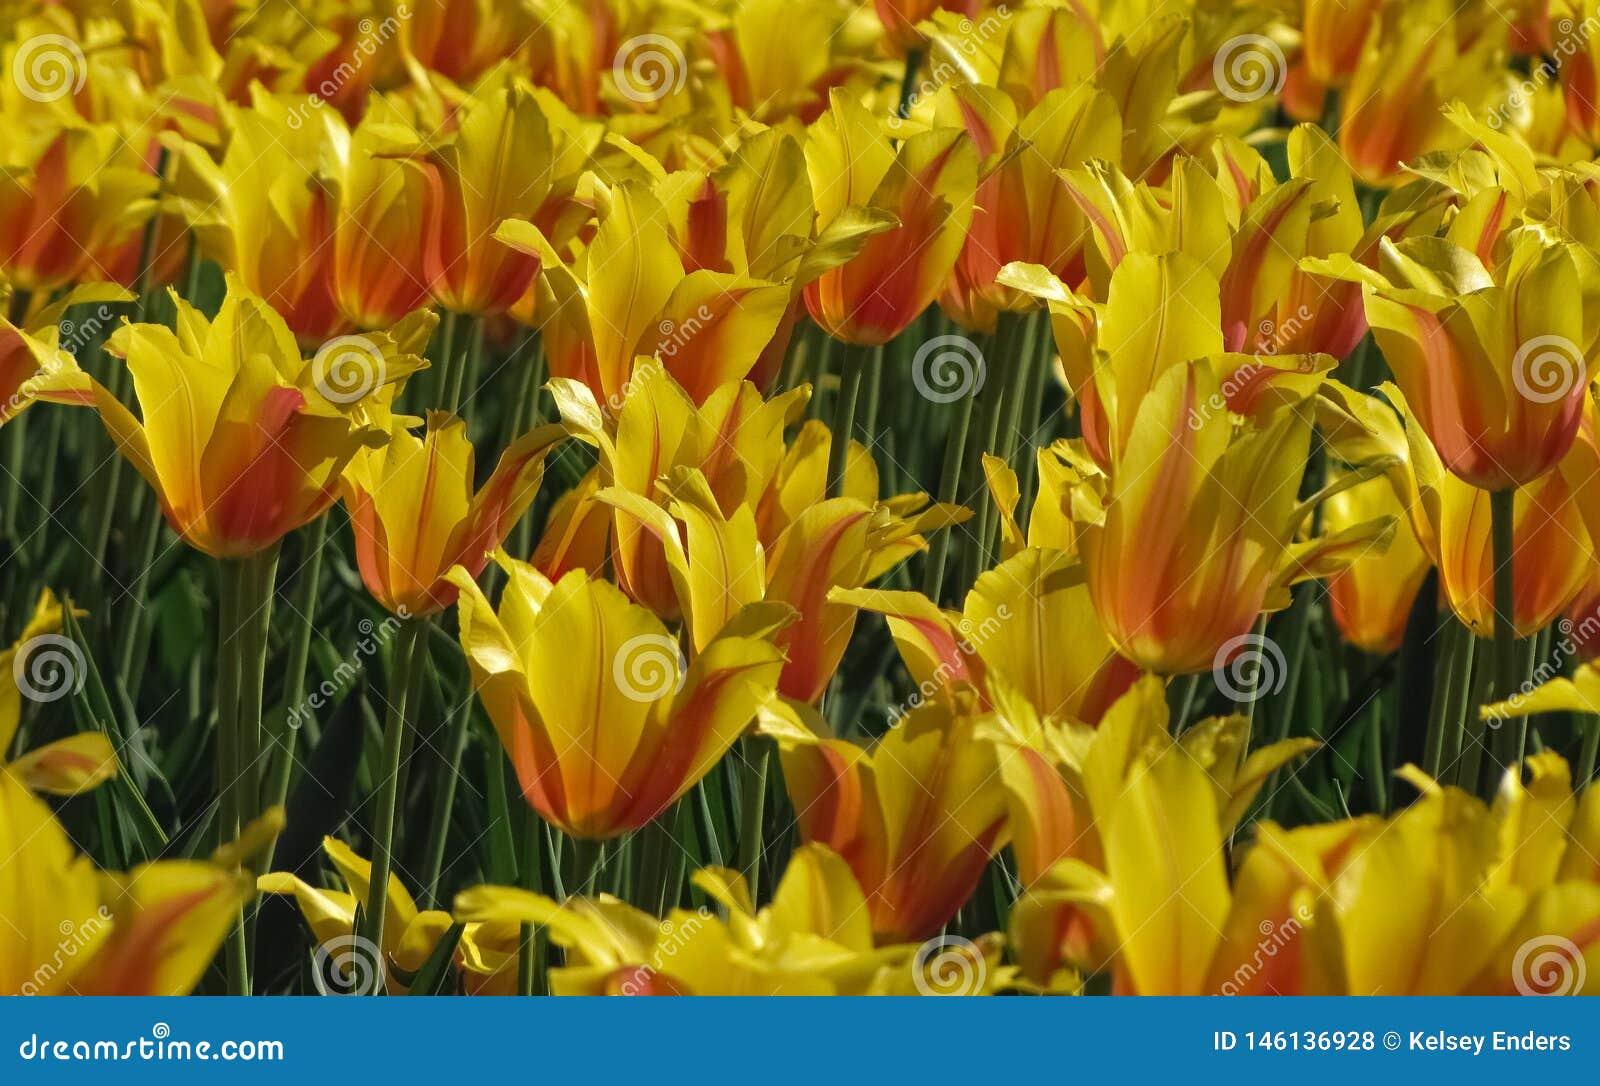 Groupe de tulipes jaunes et oranges